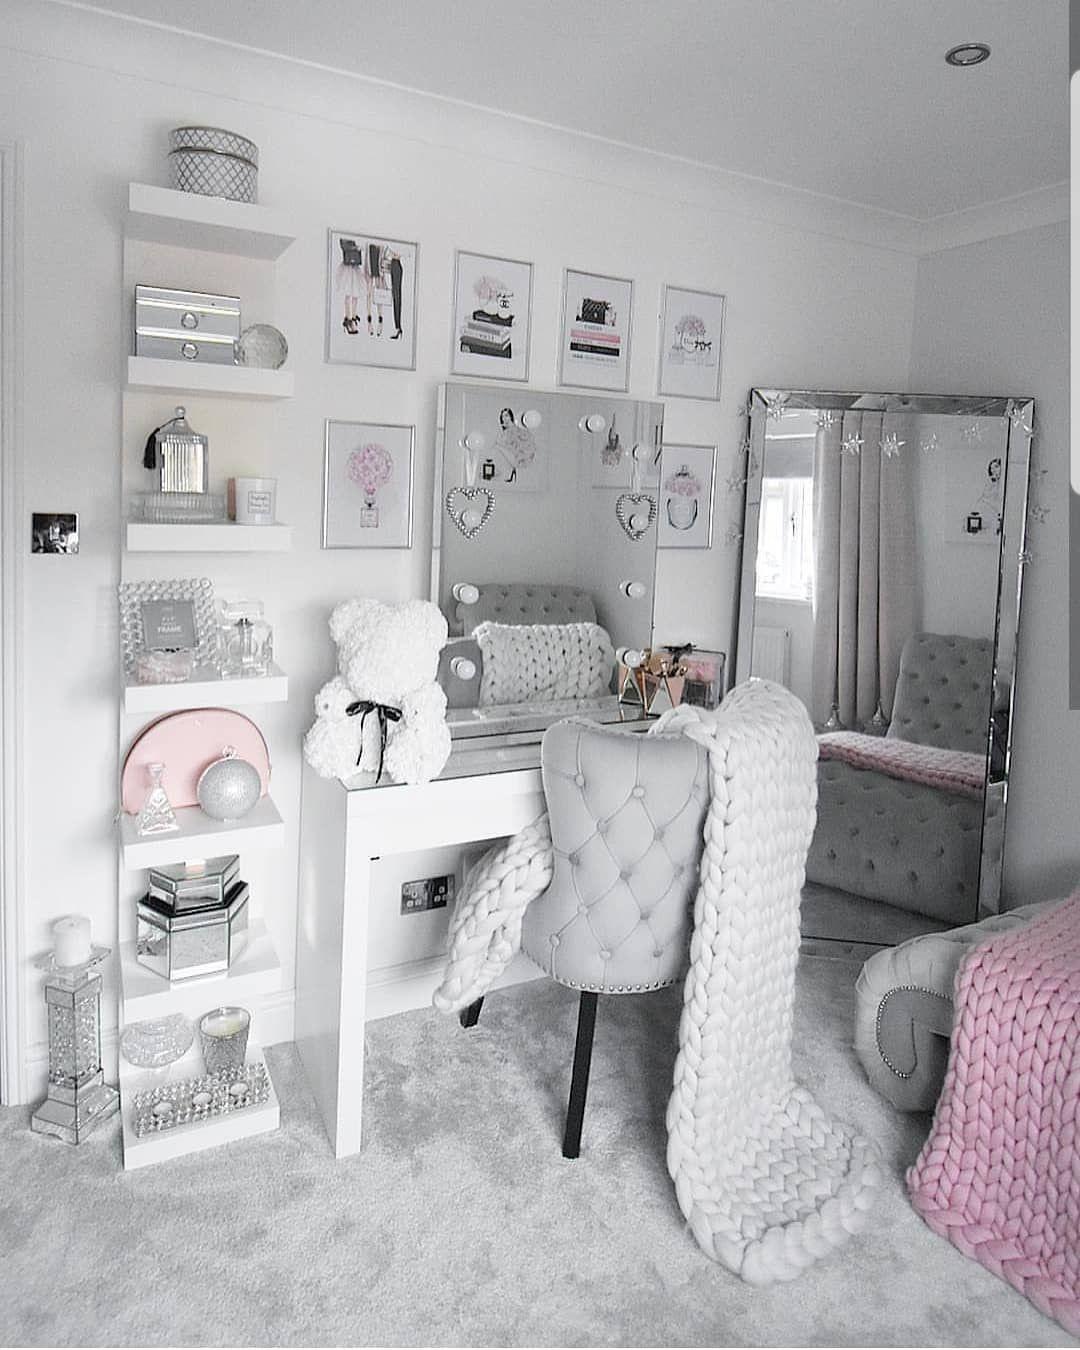 Epingle Par Vxl Sur Maison En 2020 Deco Chambre Coconing